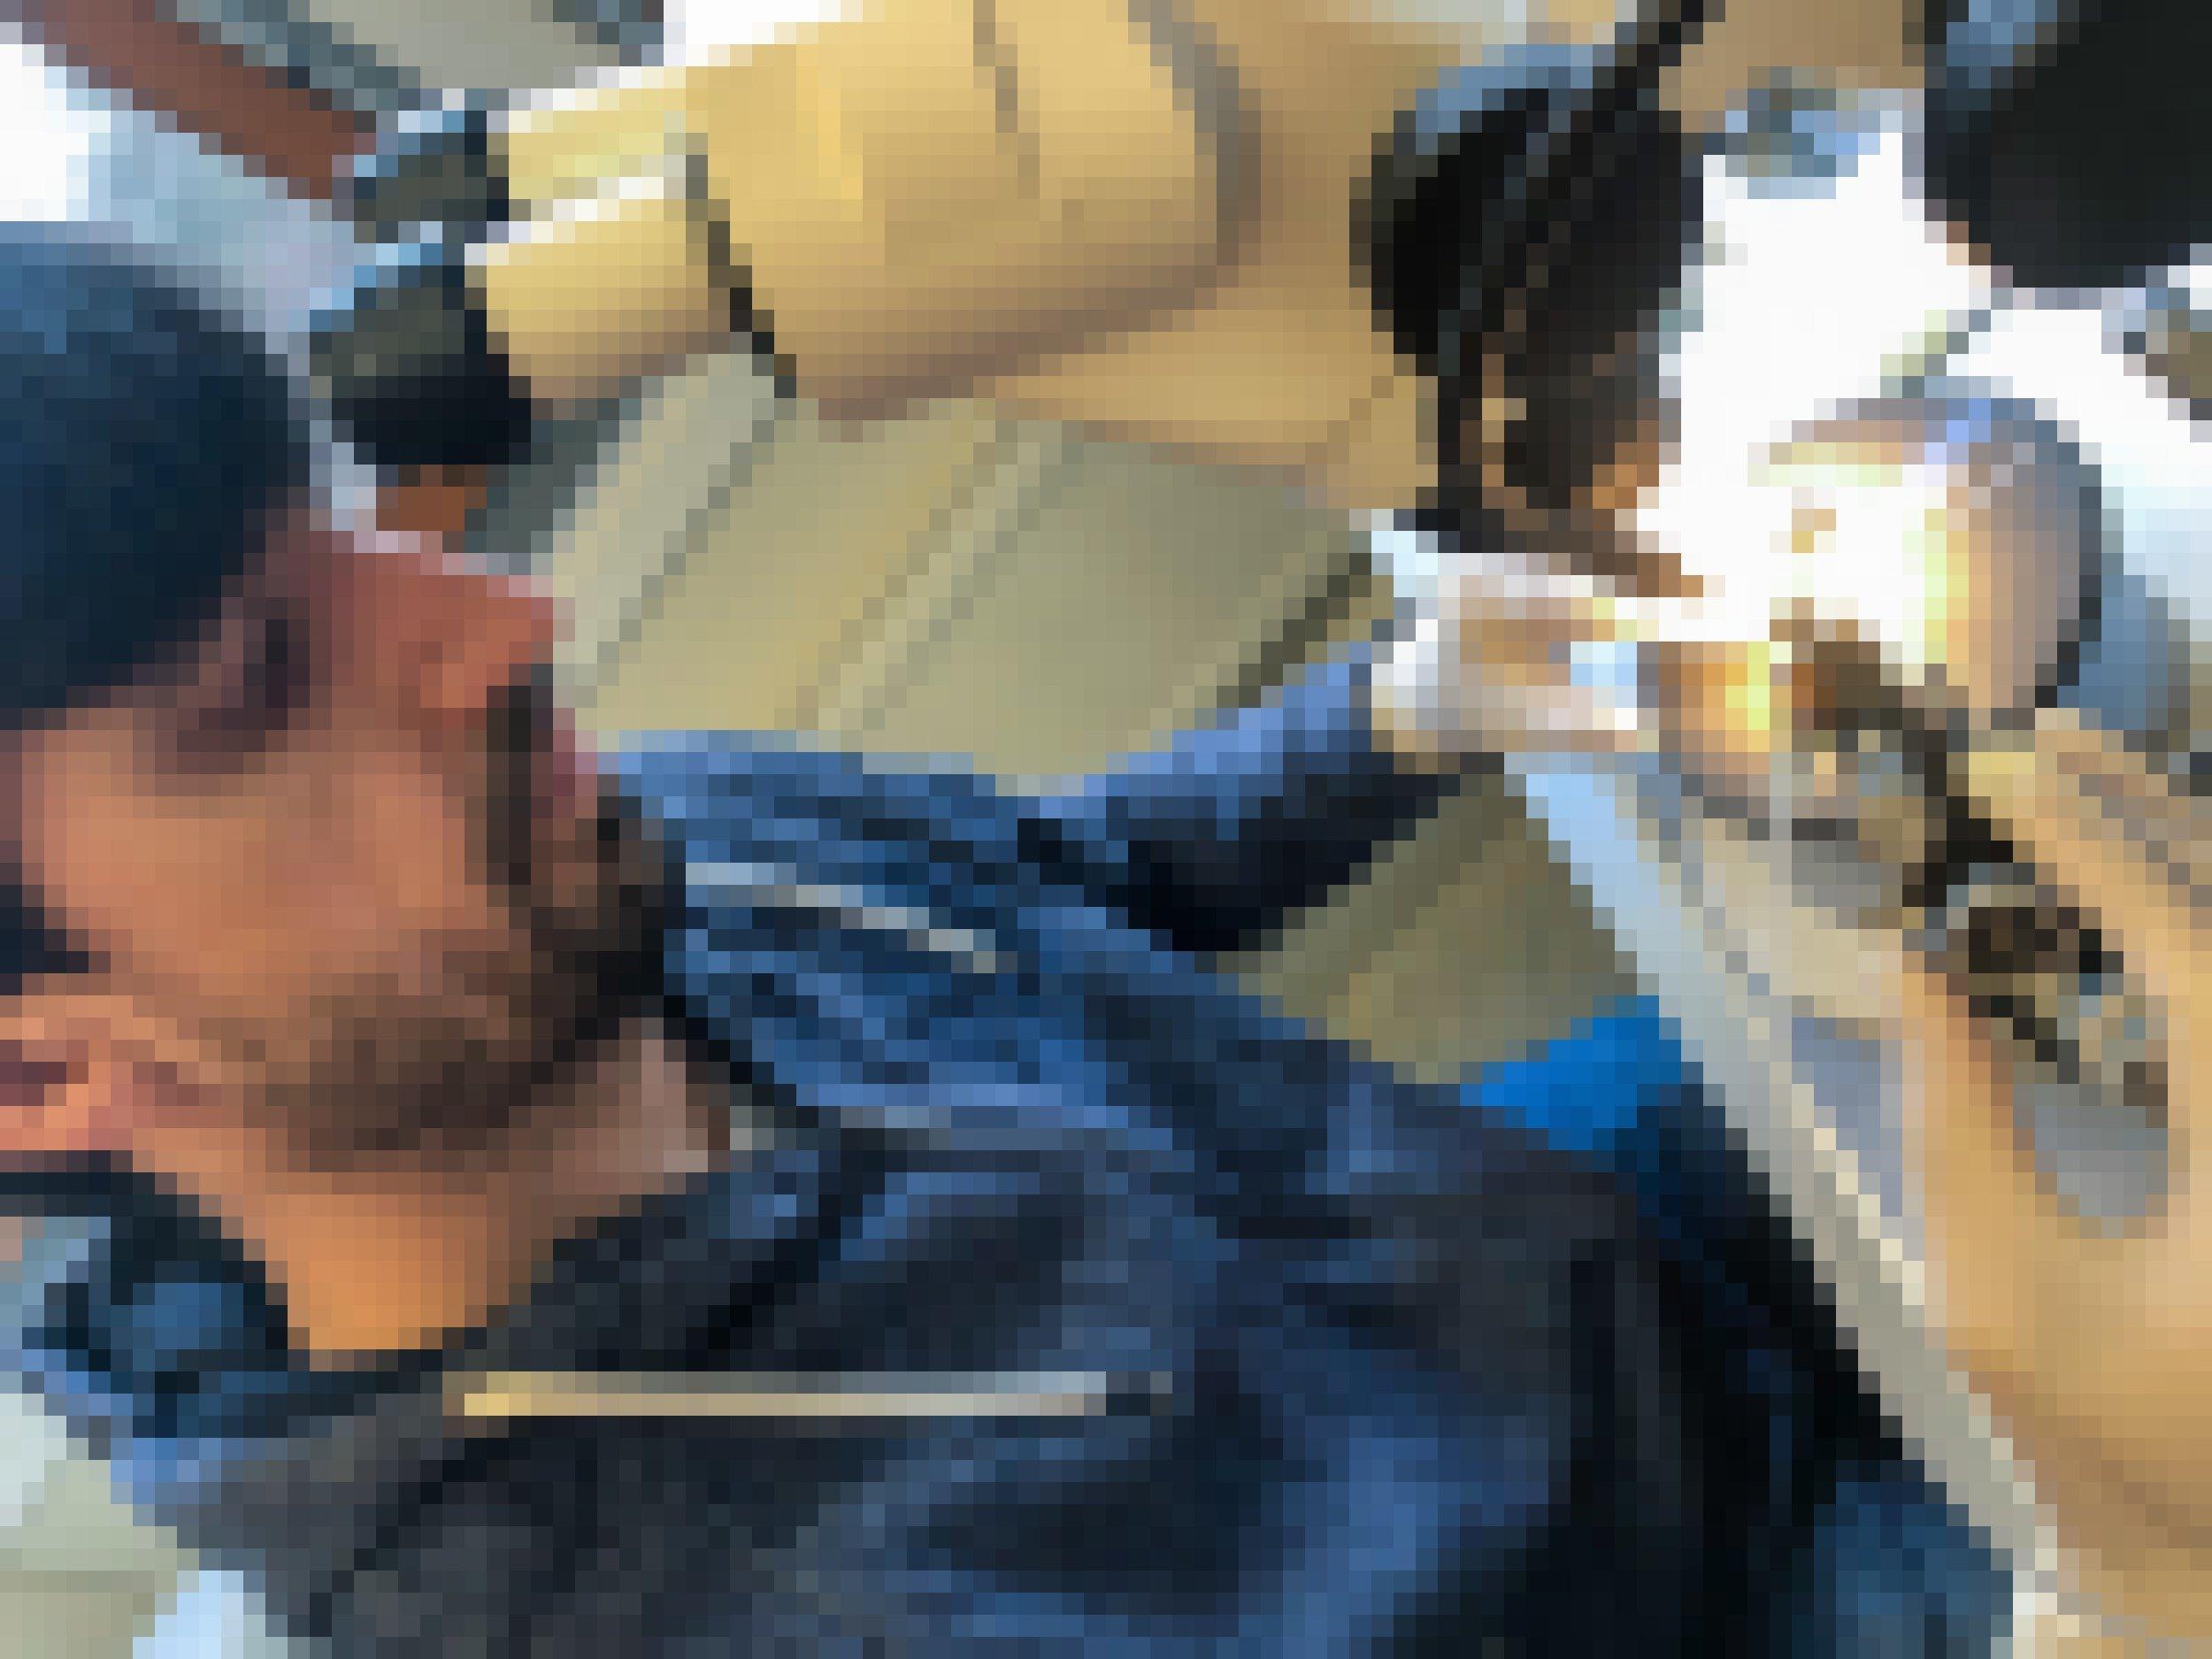 Ein Mann sitzt vor einem Binokular. Er bedient eine Spritze, die von einem Stabilisator gehalten wird.